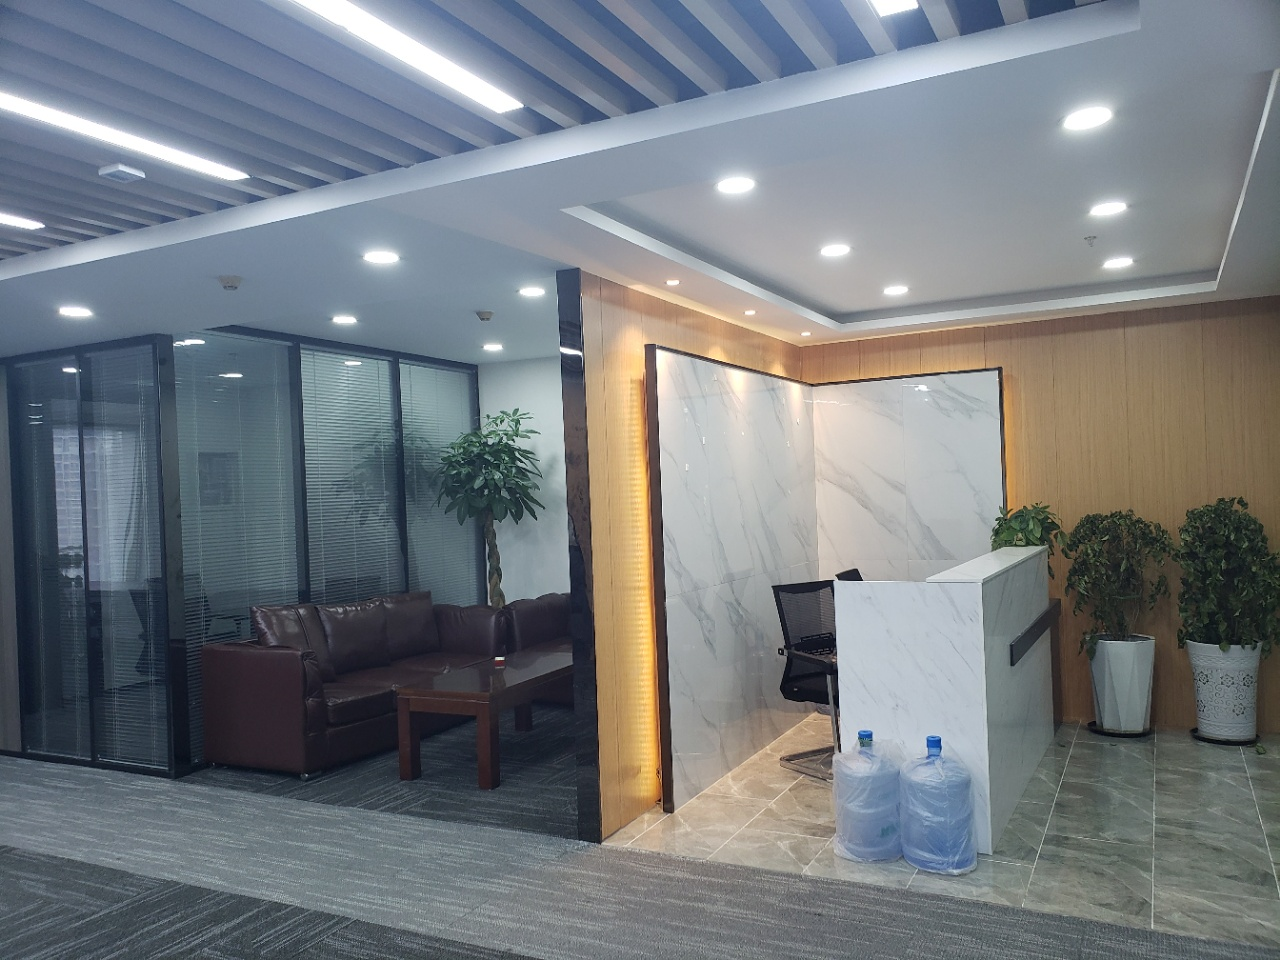 市中心牛王庙地铁口商会大厦3隔间24工位精装带家具近地铁